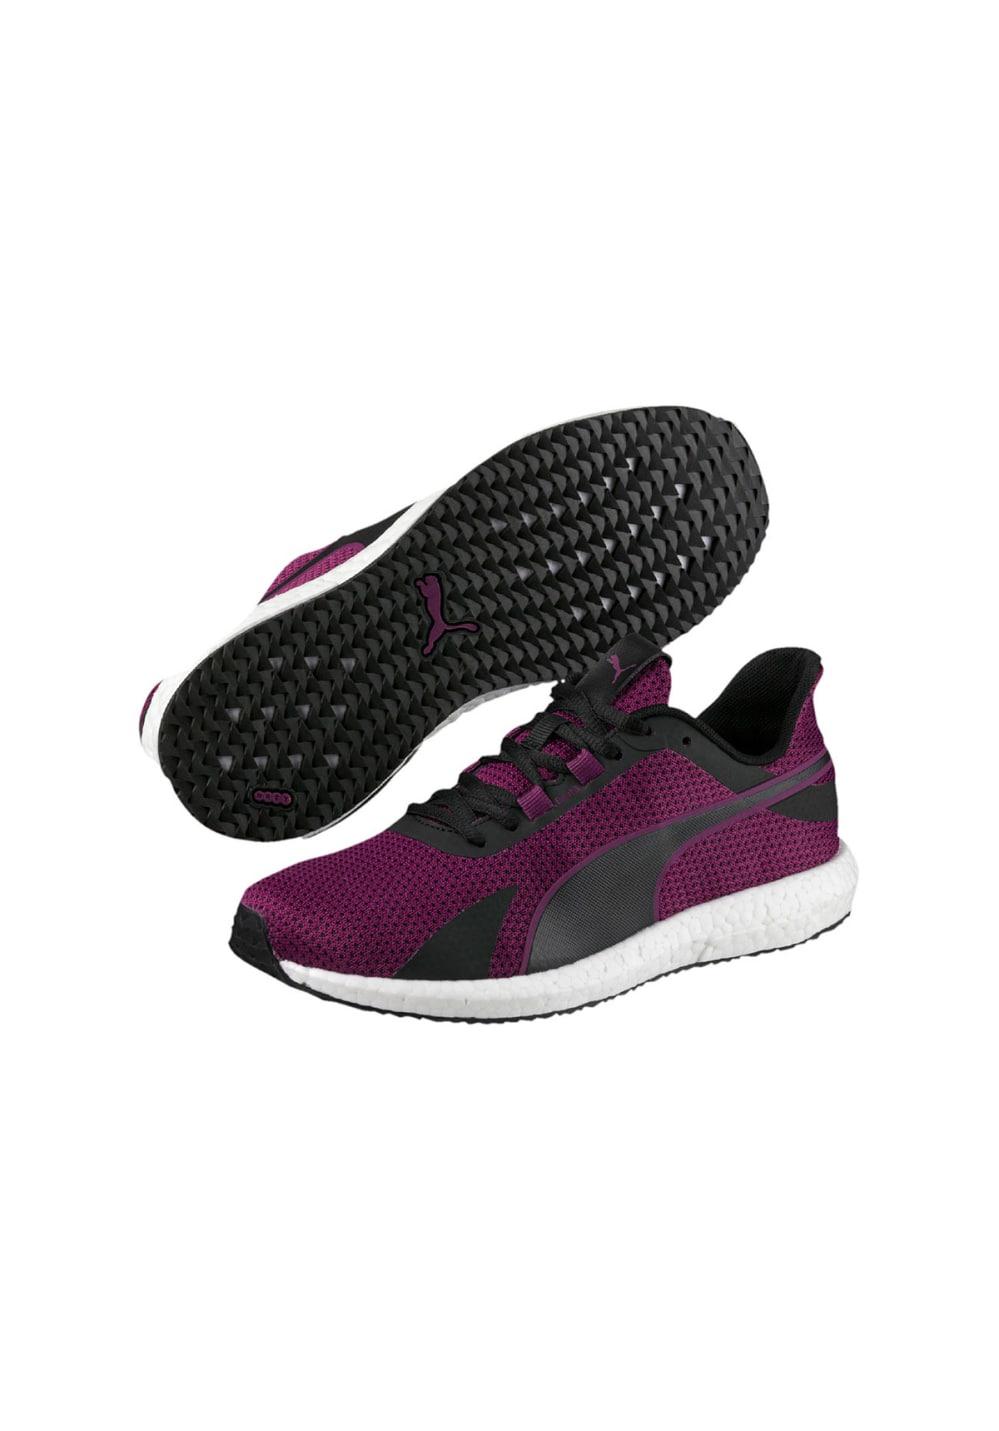 Pour Nrgy Mega Puma Chaussures Femme Noir21run Fitness Turbo QCWxBErdeo